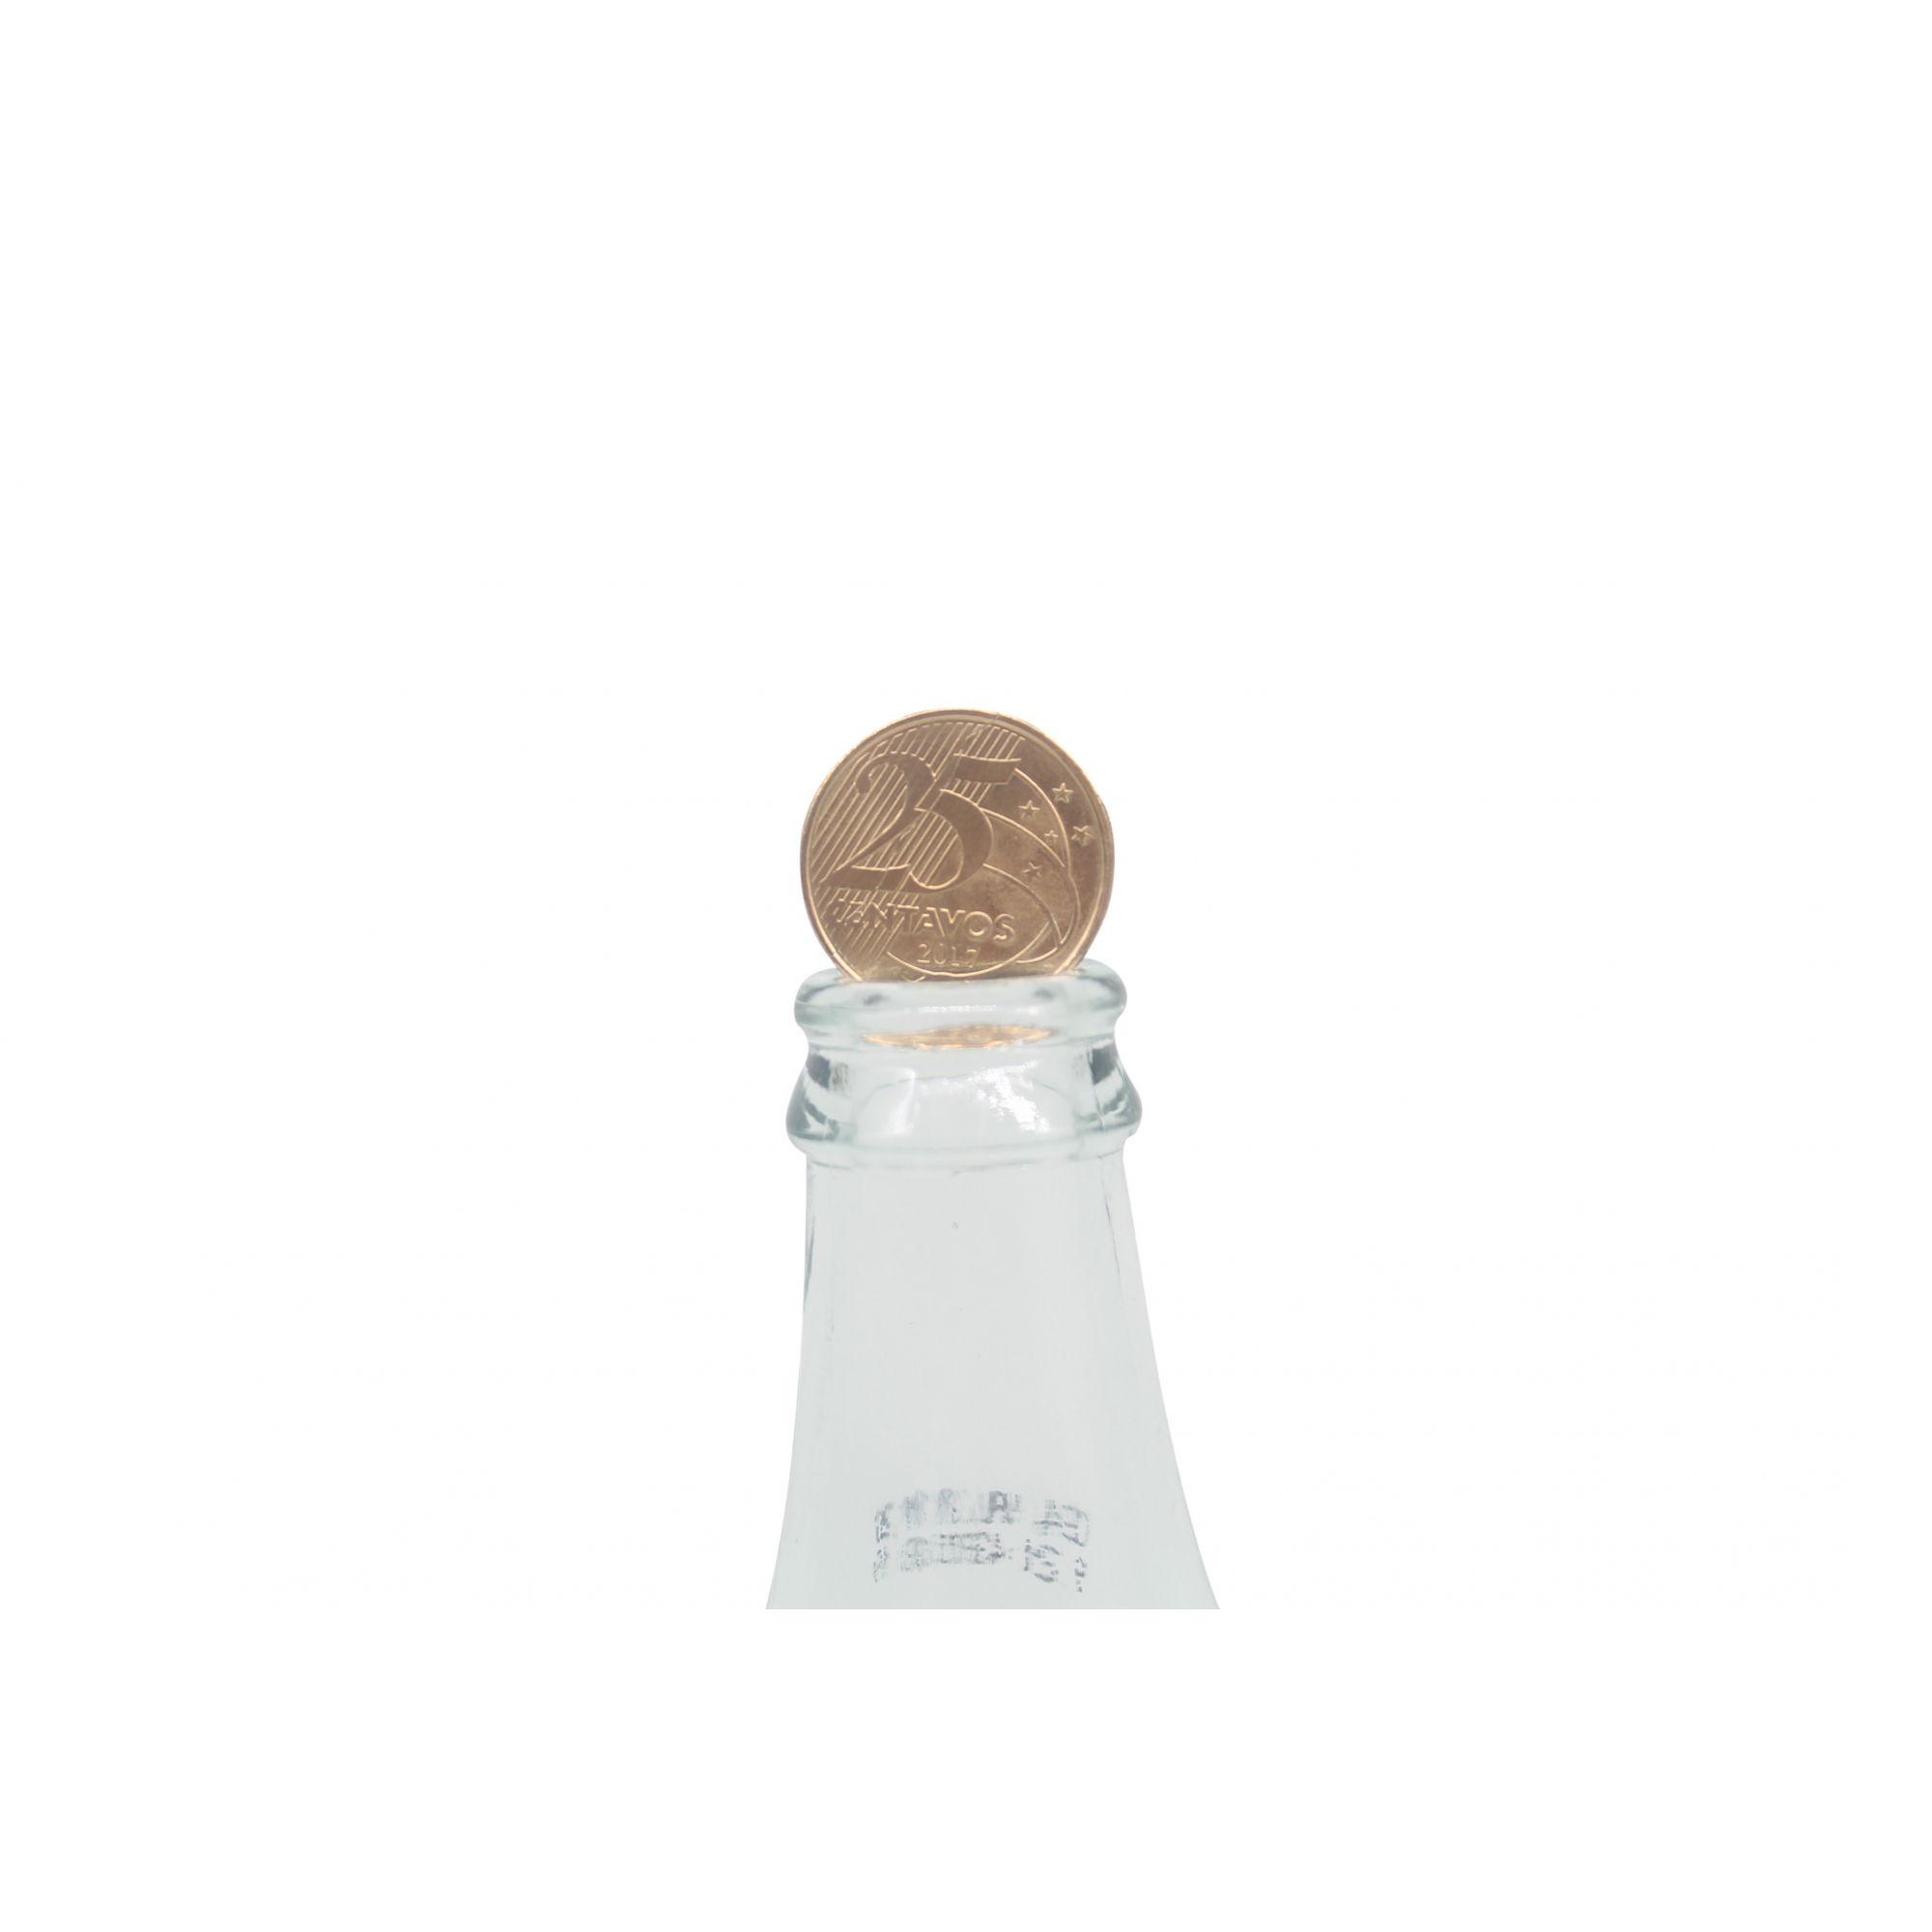 Moeda na garrafa - 25 centavos dourada com livreto B+